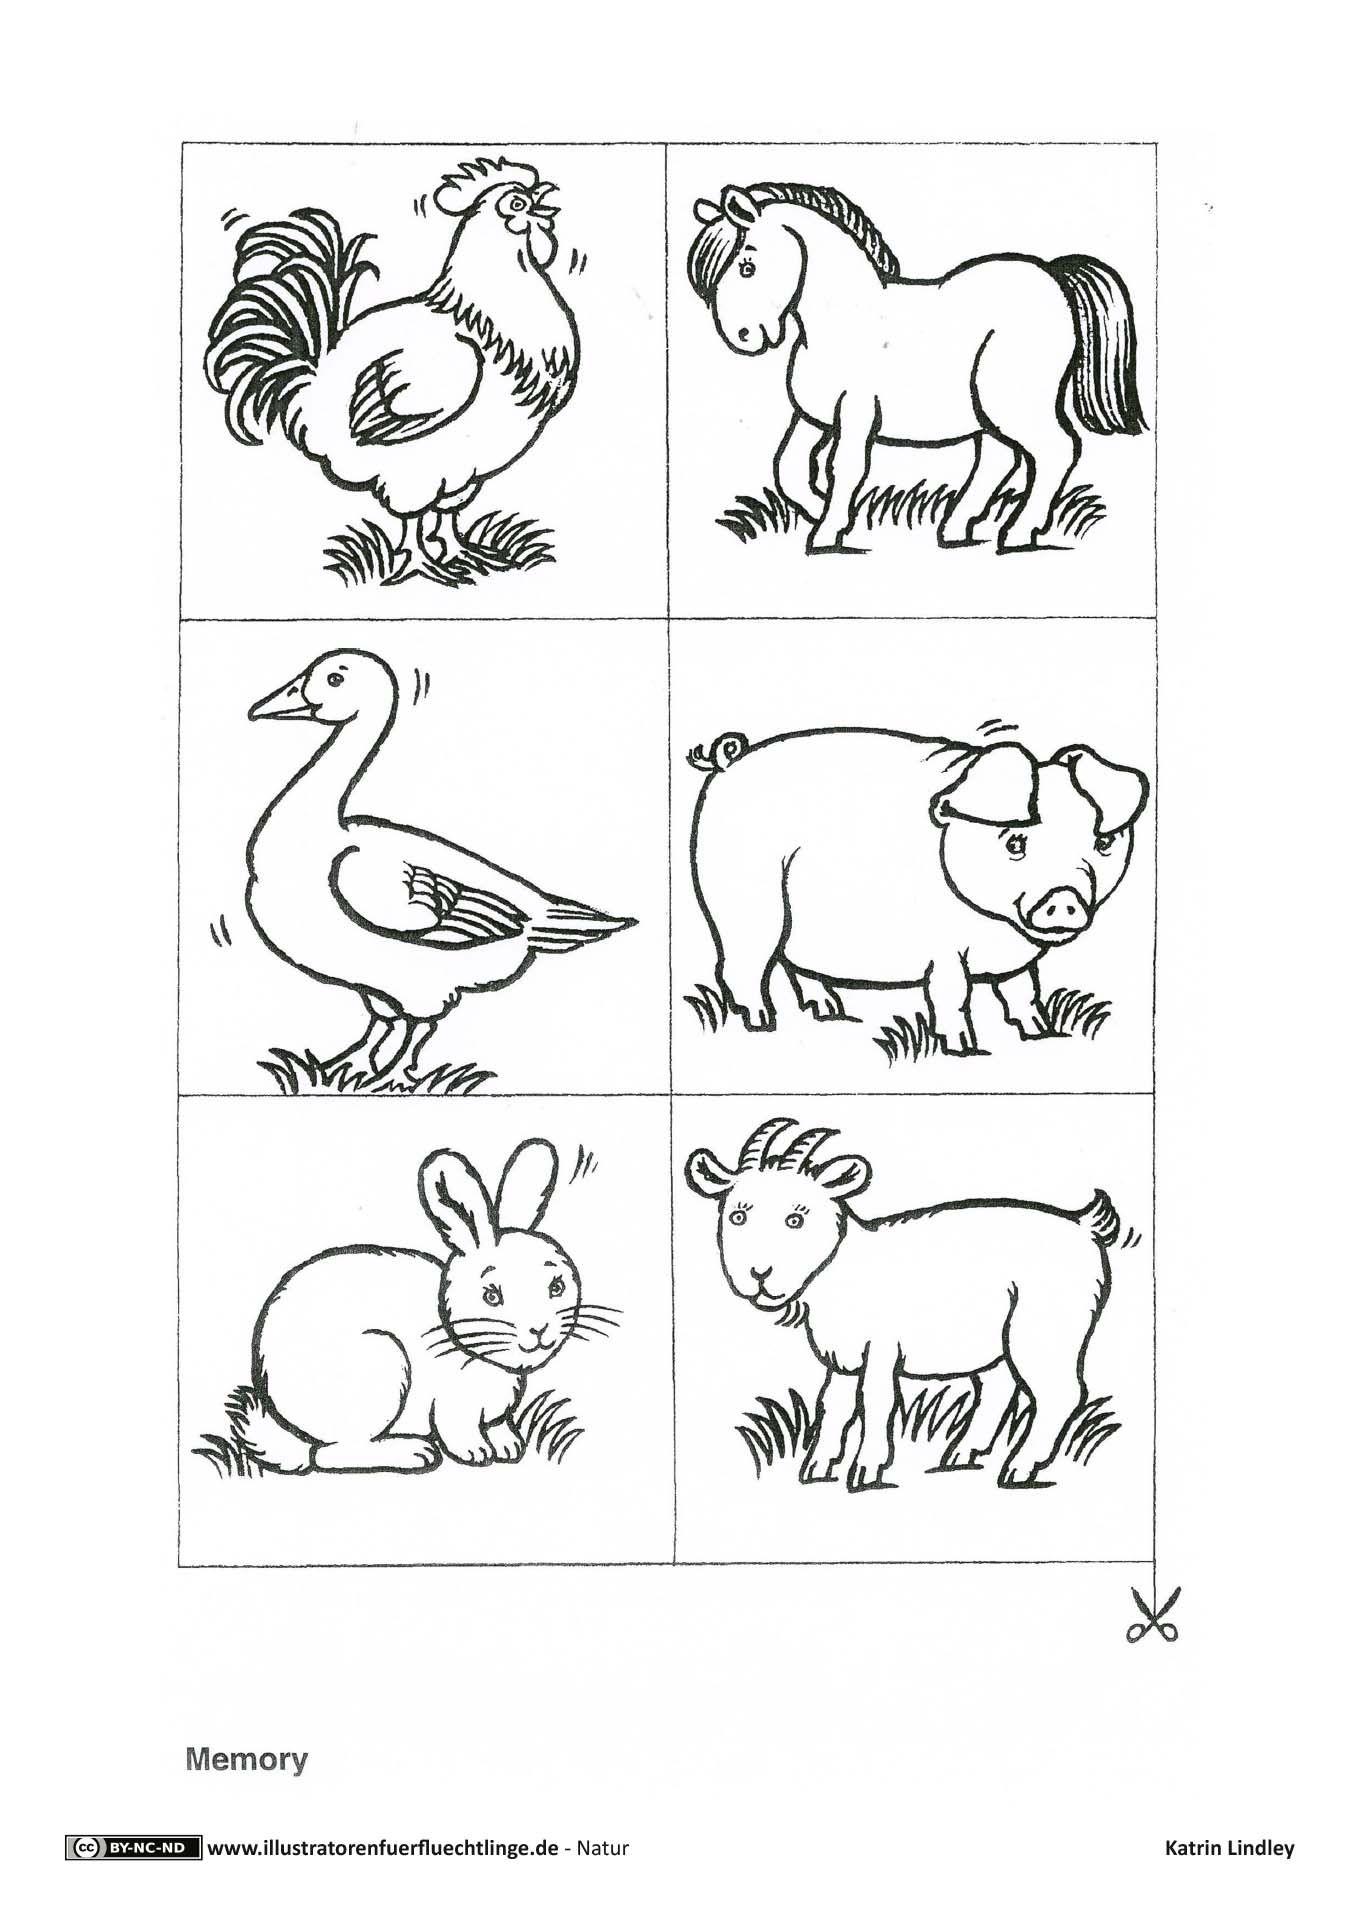 Download als PDF (7 Seiten): Natur – Bauernhof Tiere Memory